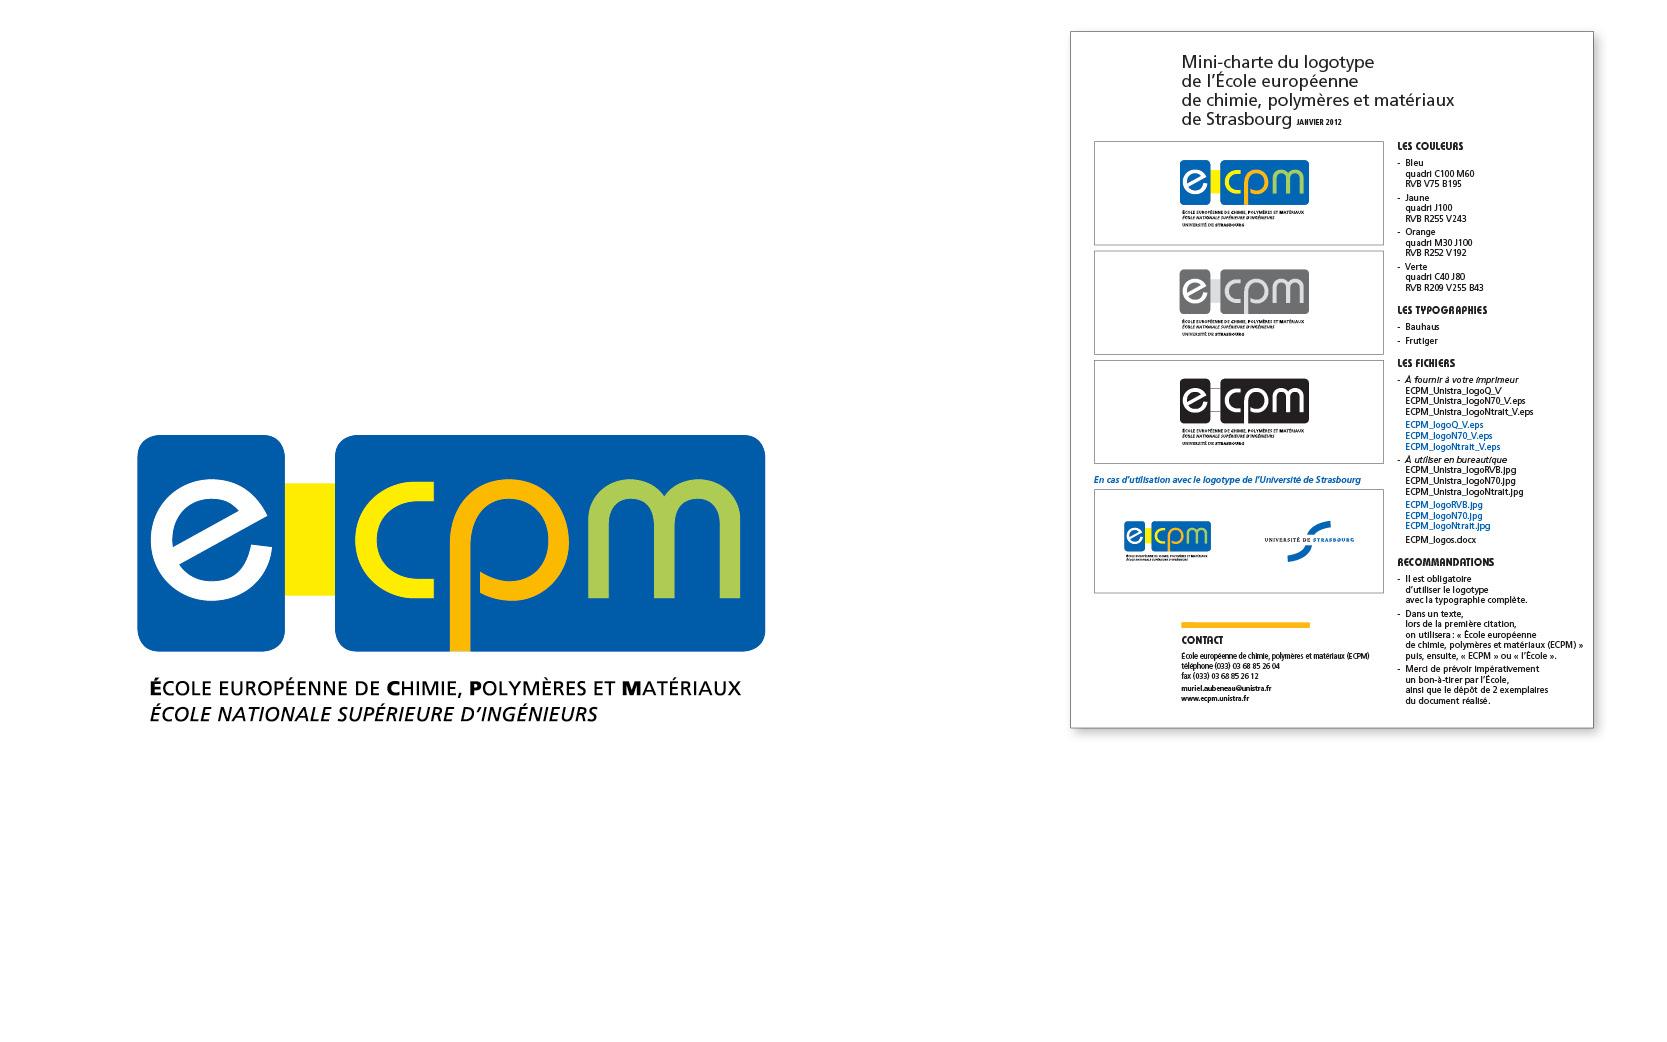 Logotype et mini-charte pour Plaquette élève pour l'École européenne de chimie, polymères et matériaux, 2007.